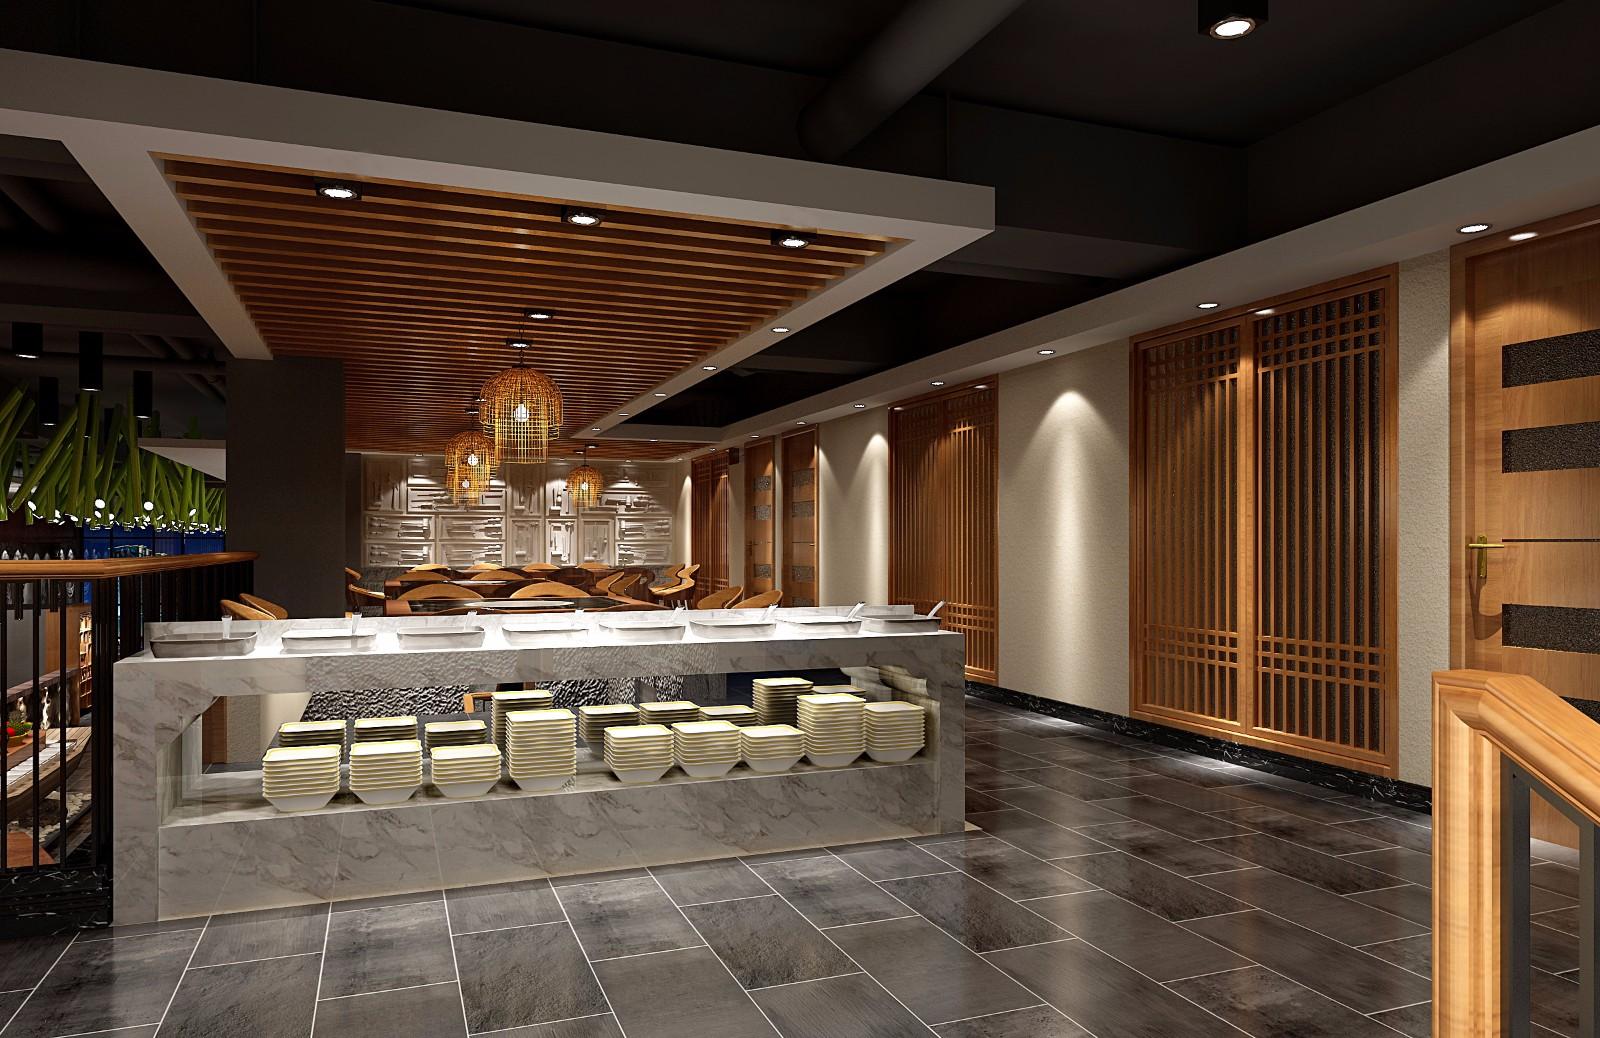 重庆火锅店装修风格如何选择?